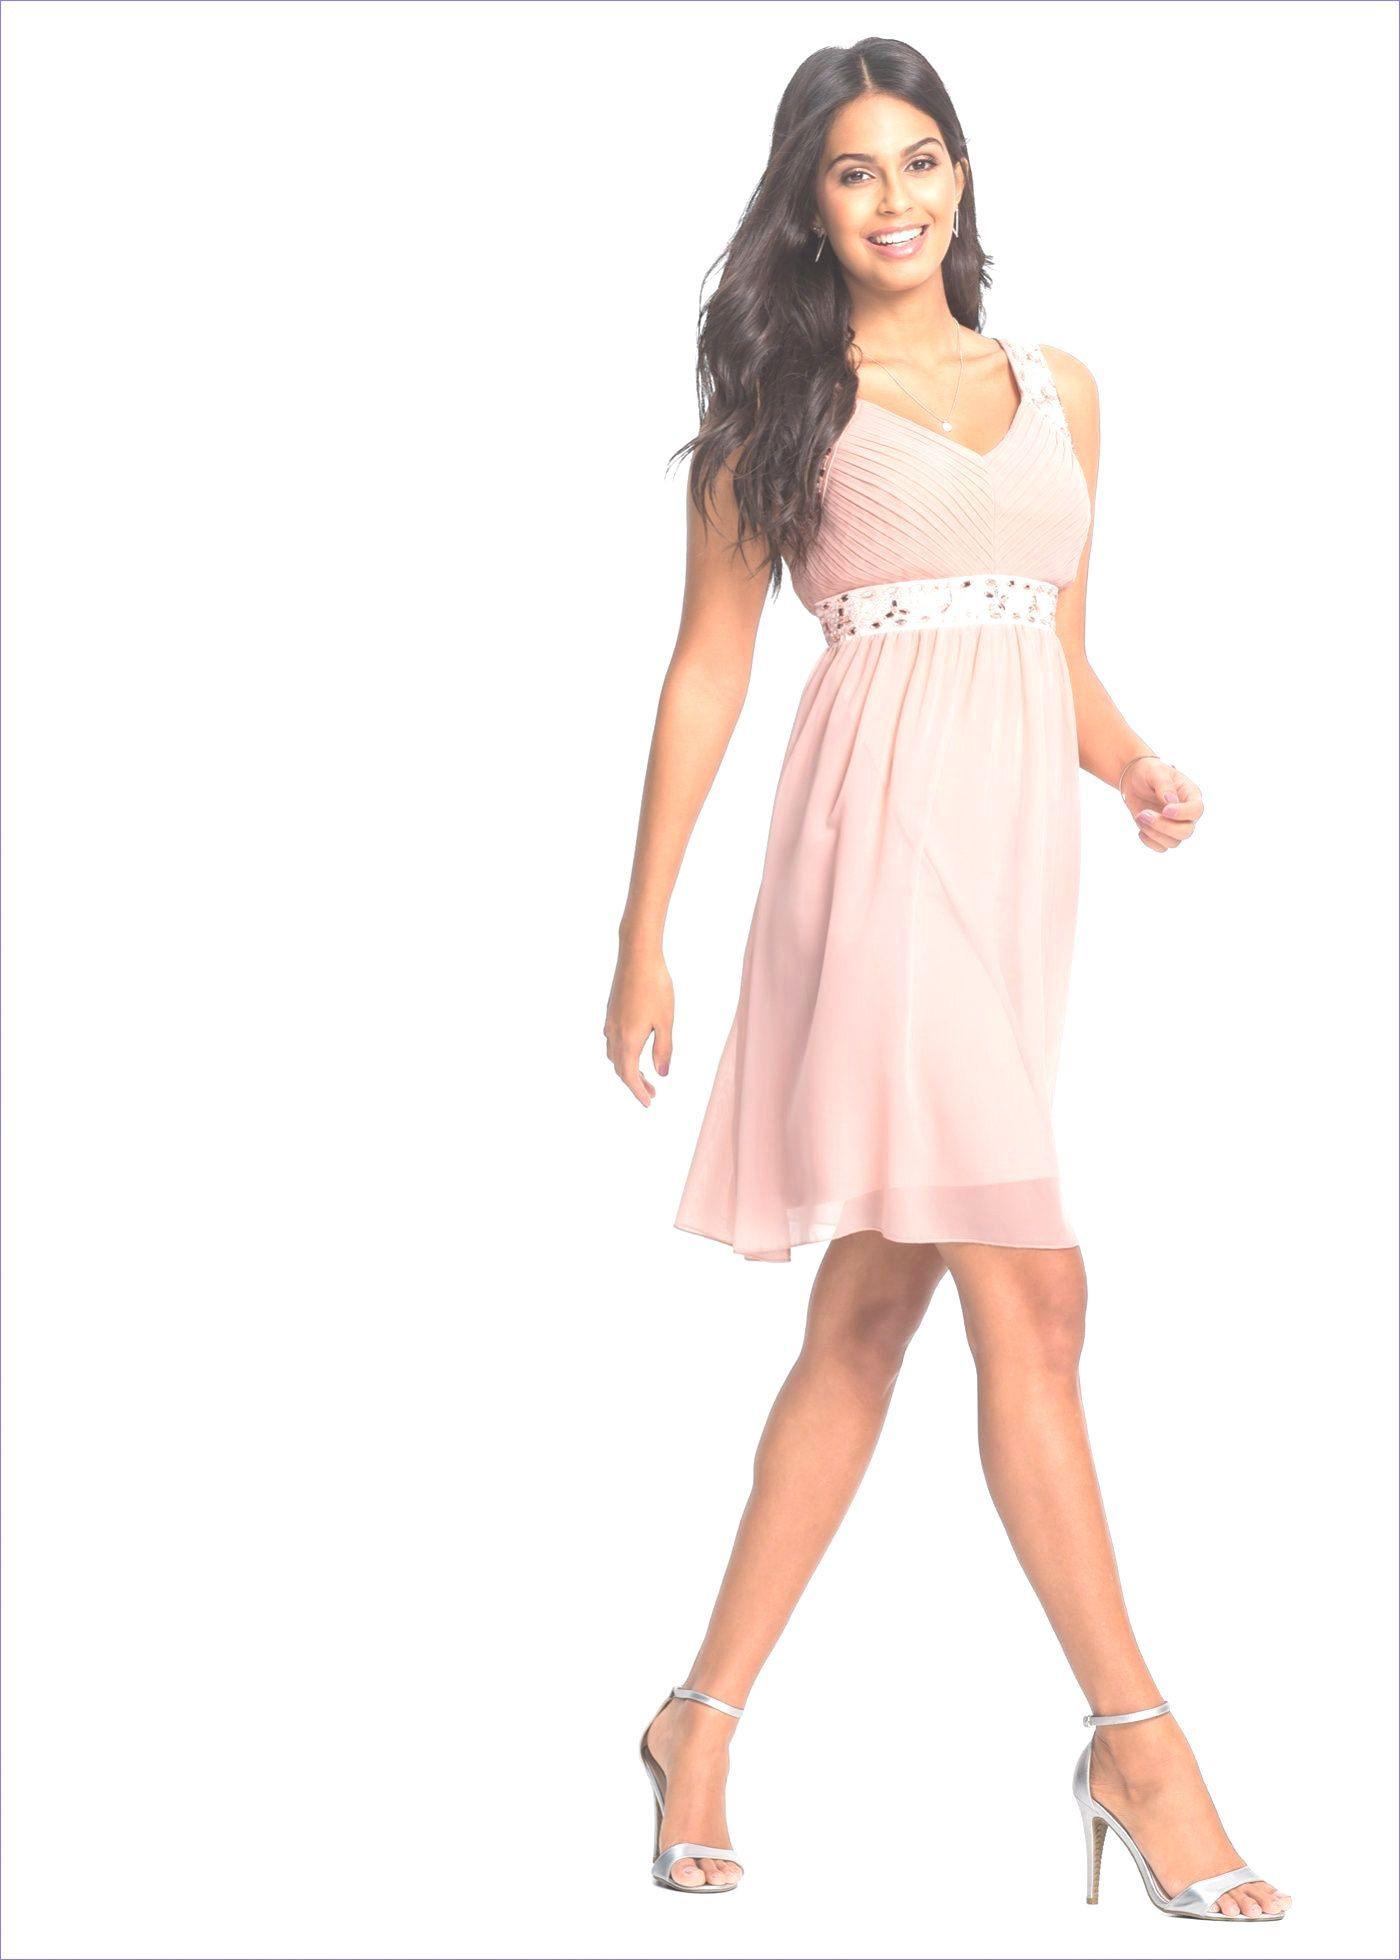 Schön Kleider Für Eine Hochzeit Galerie15 Fantastisch Kleider Für Eine Hochzeit Vertrieb